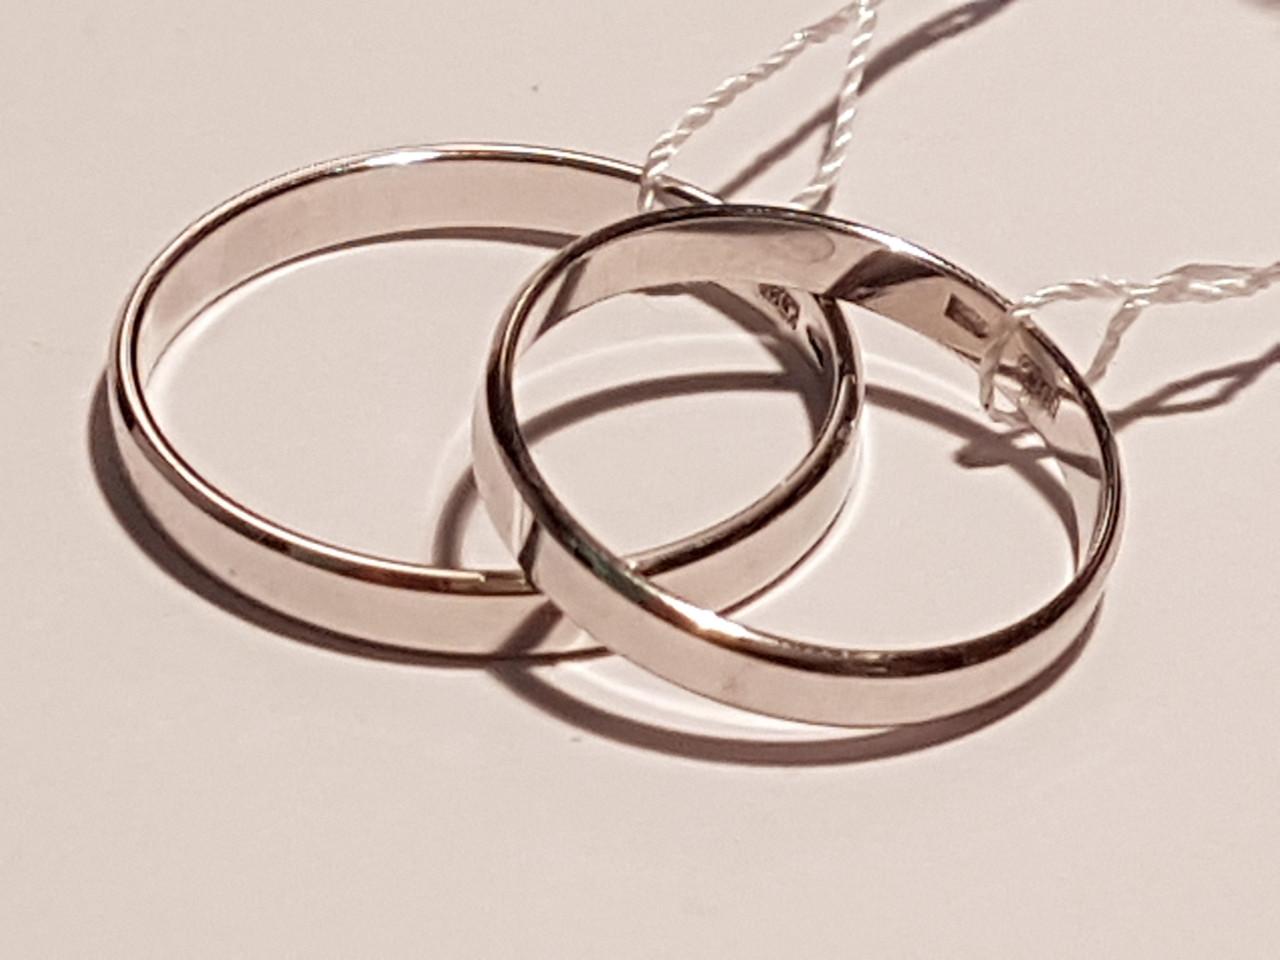 Обручальное золотое кольцо. Артикул ОК015.3Бев 16